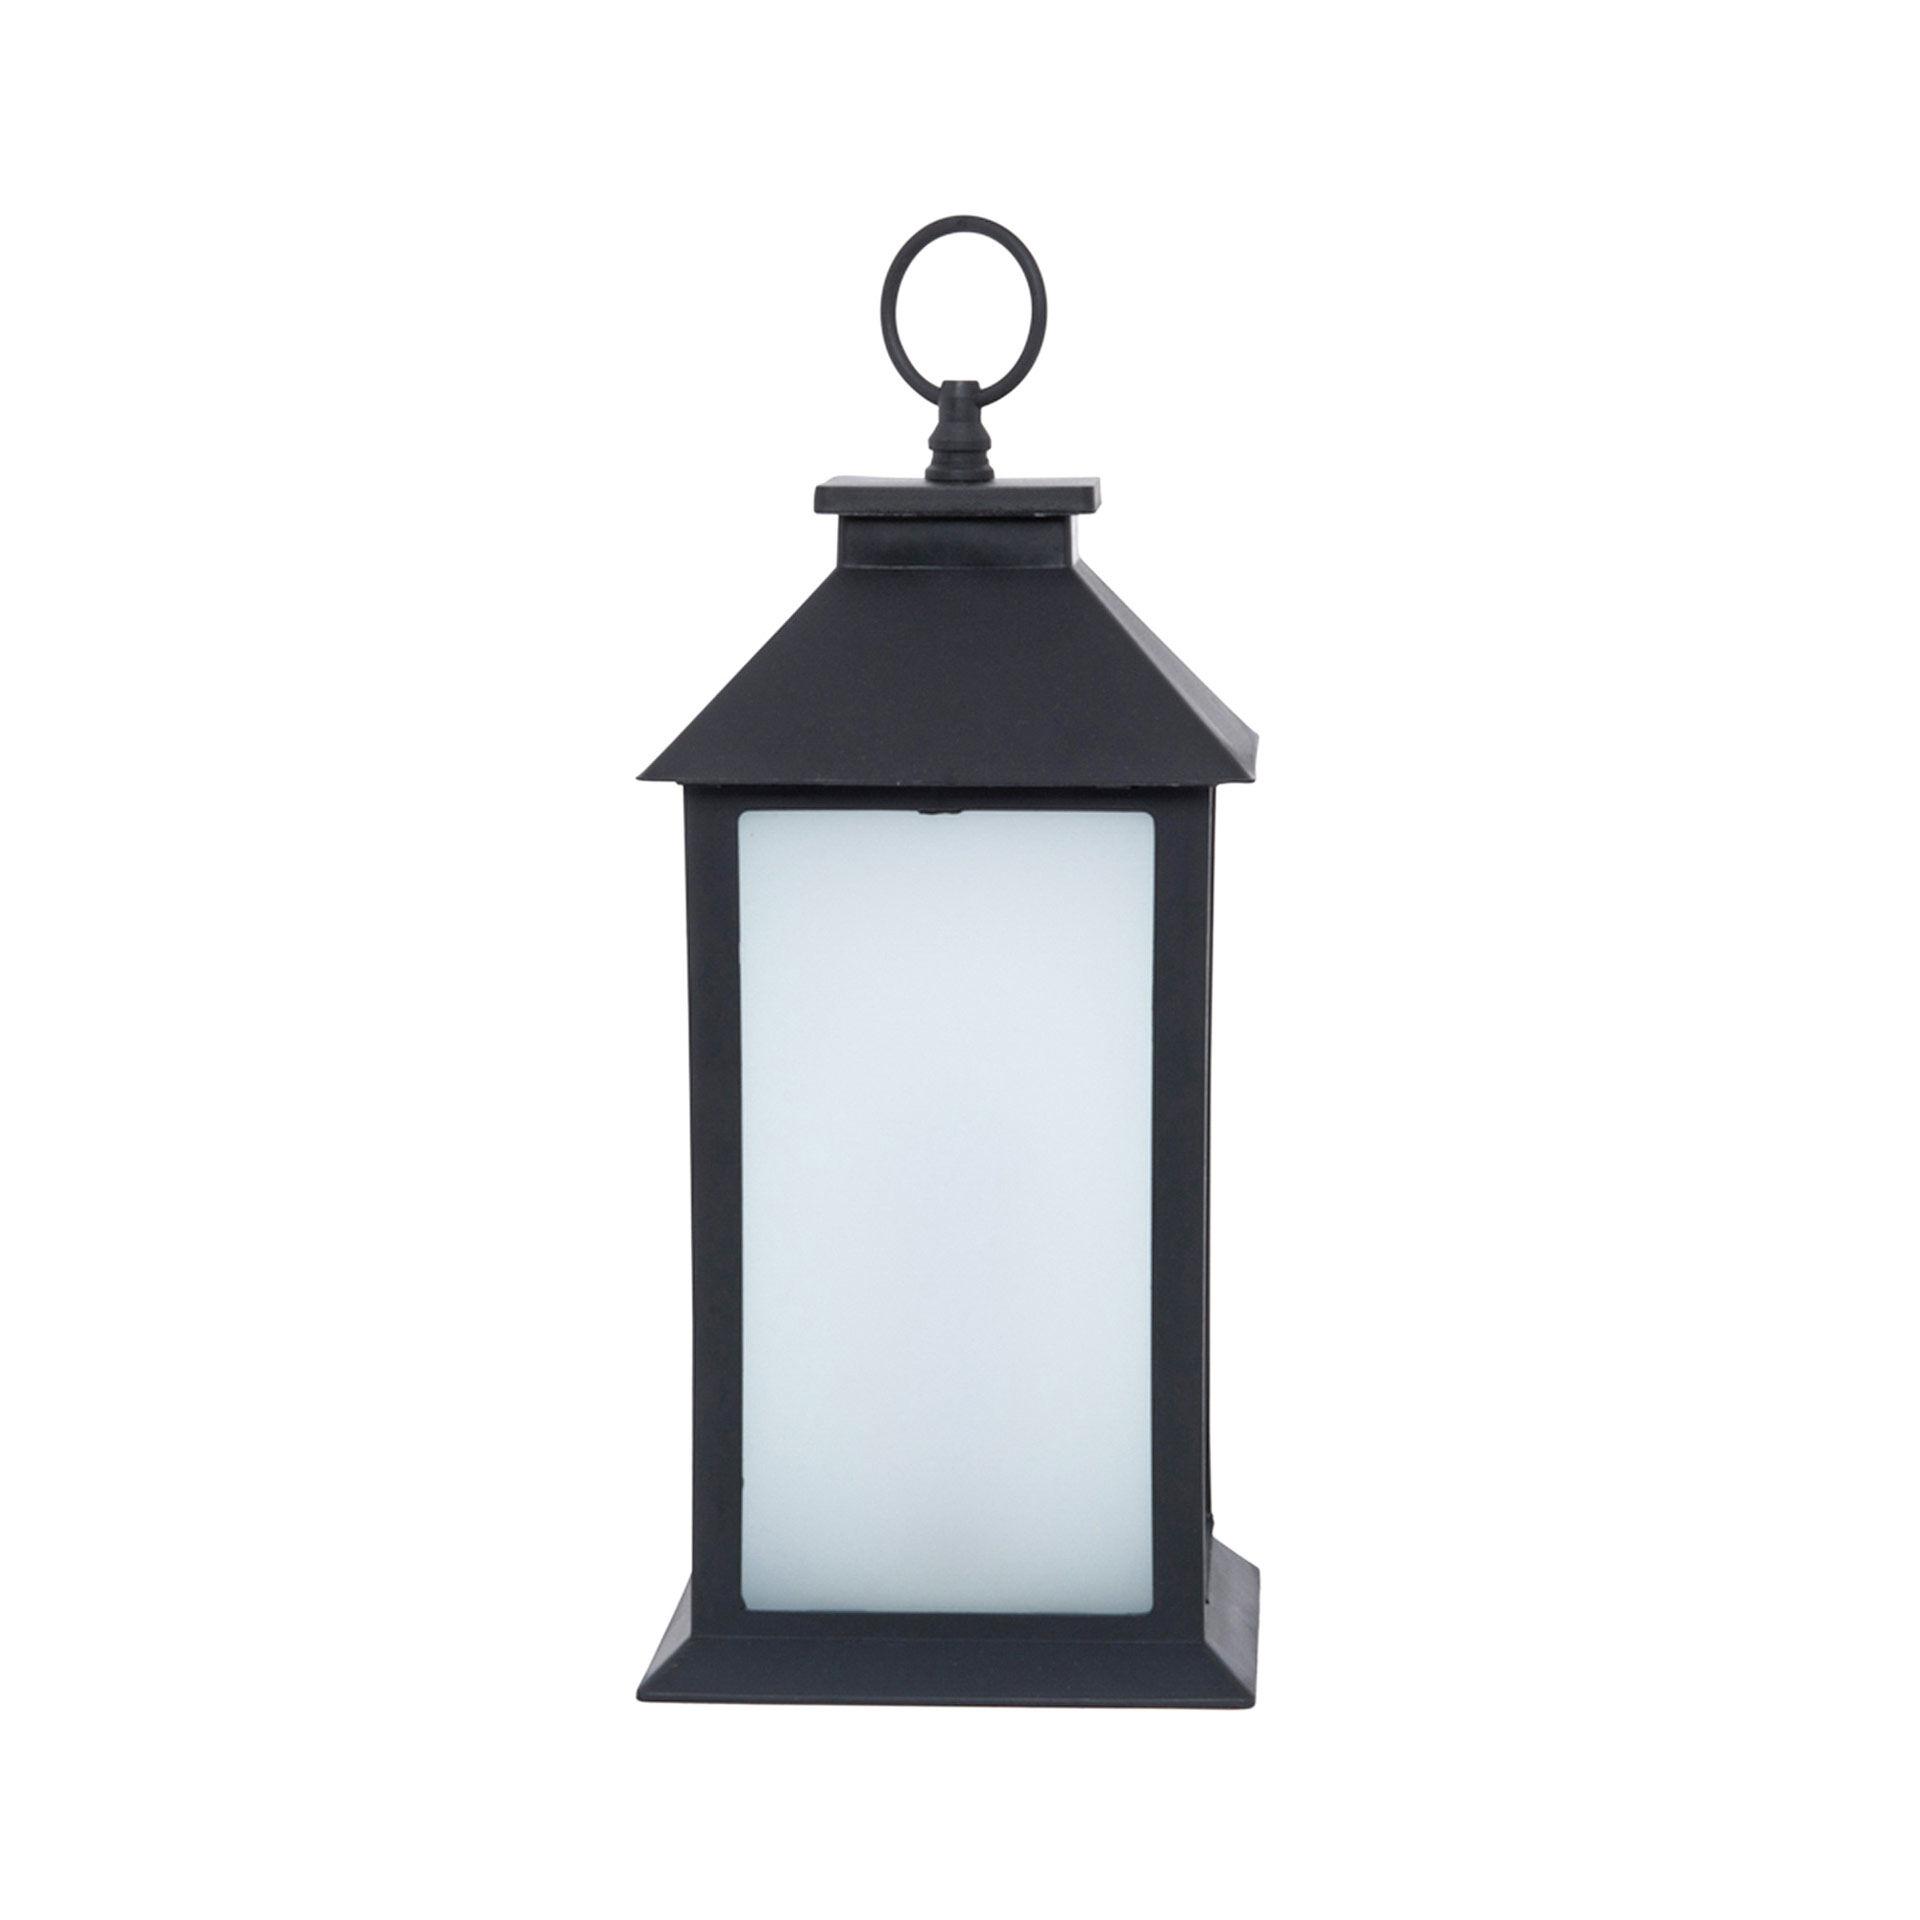 Lanterne à piles avec lumière clignotante - dim. 14 X 35 X 14 cm, , large